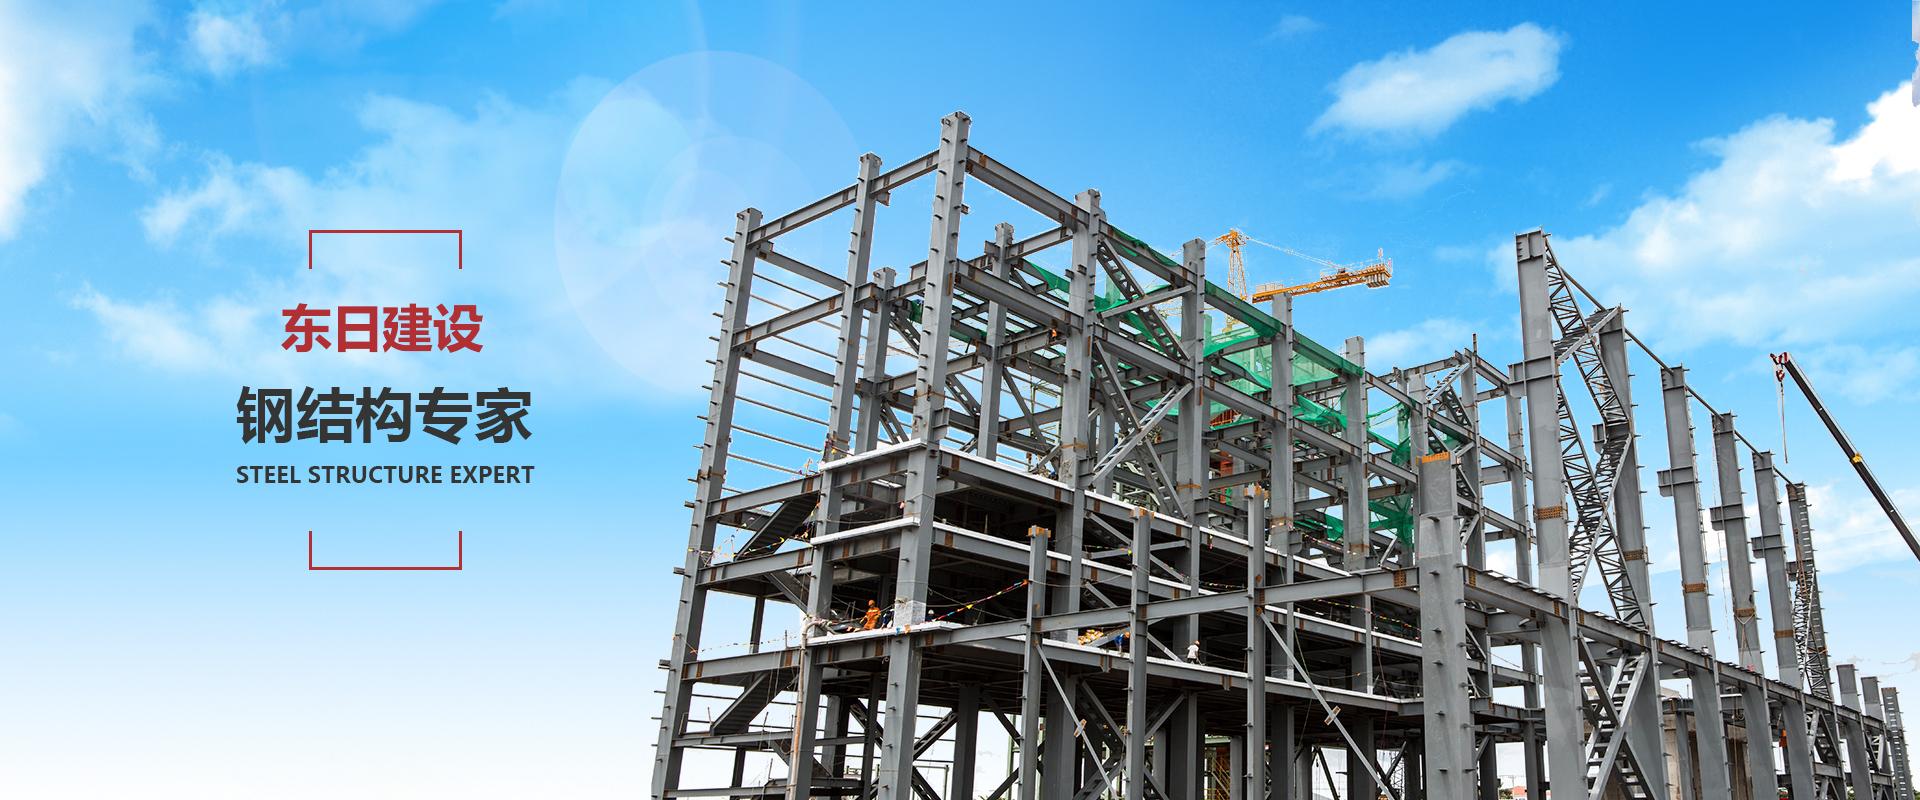 臺山市東日建設工程有限公司 廣東東建鋼結構有限公司